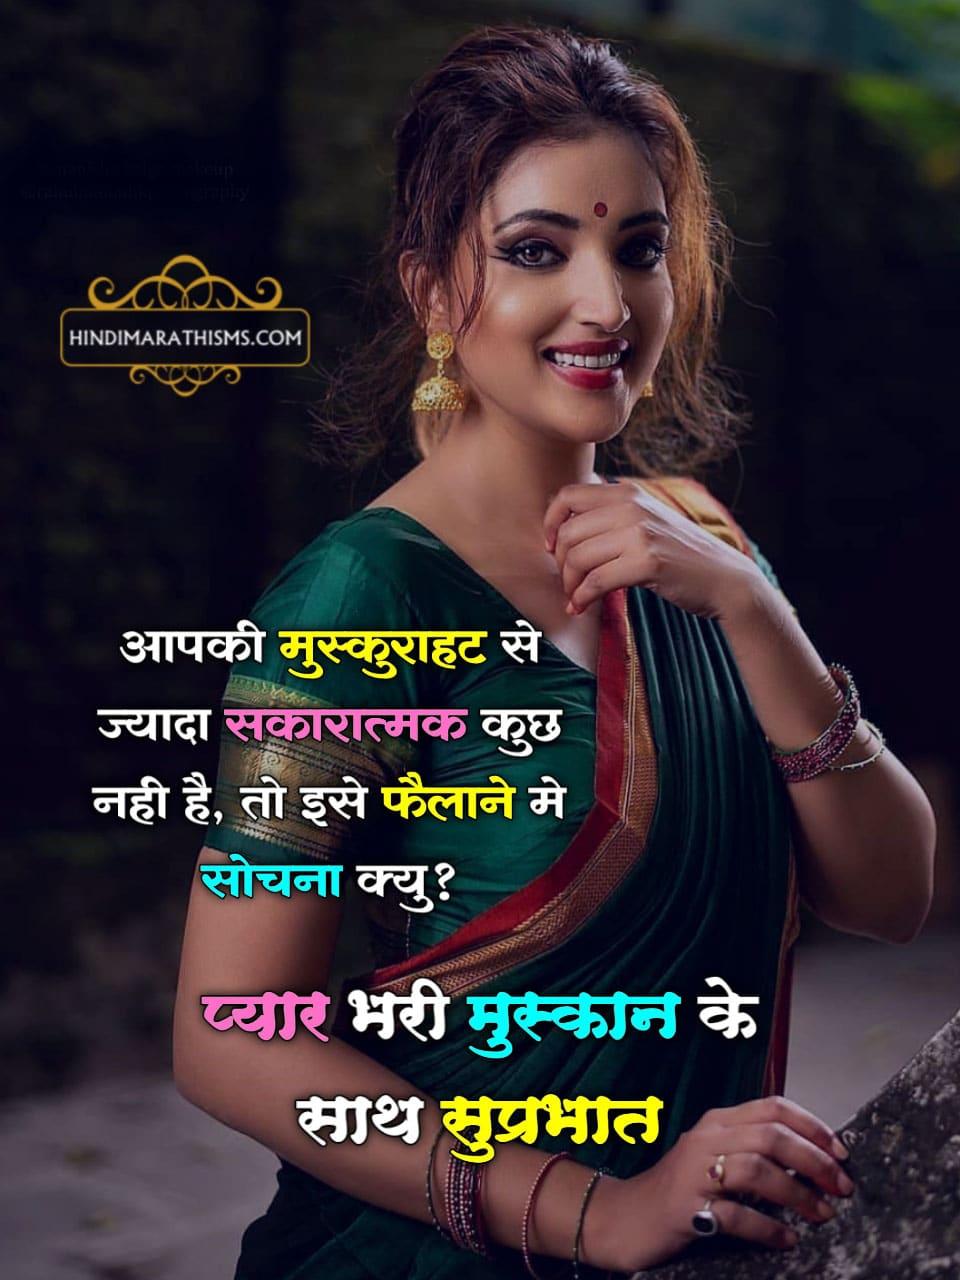 Muskurahat Shayari Good Morning